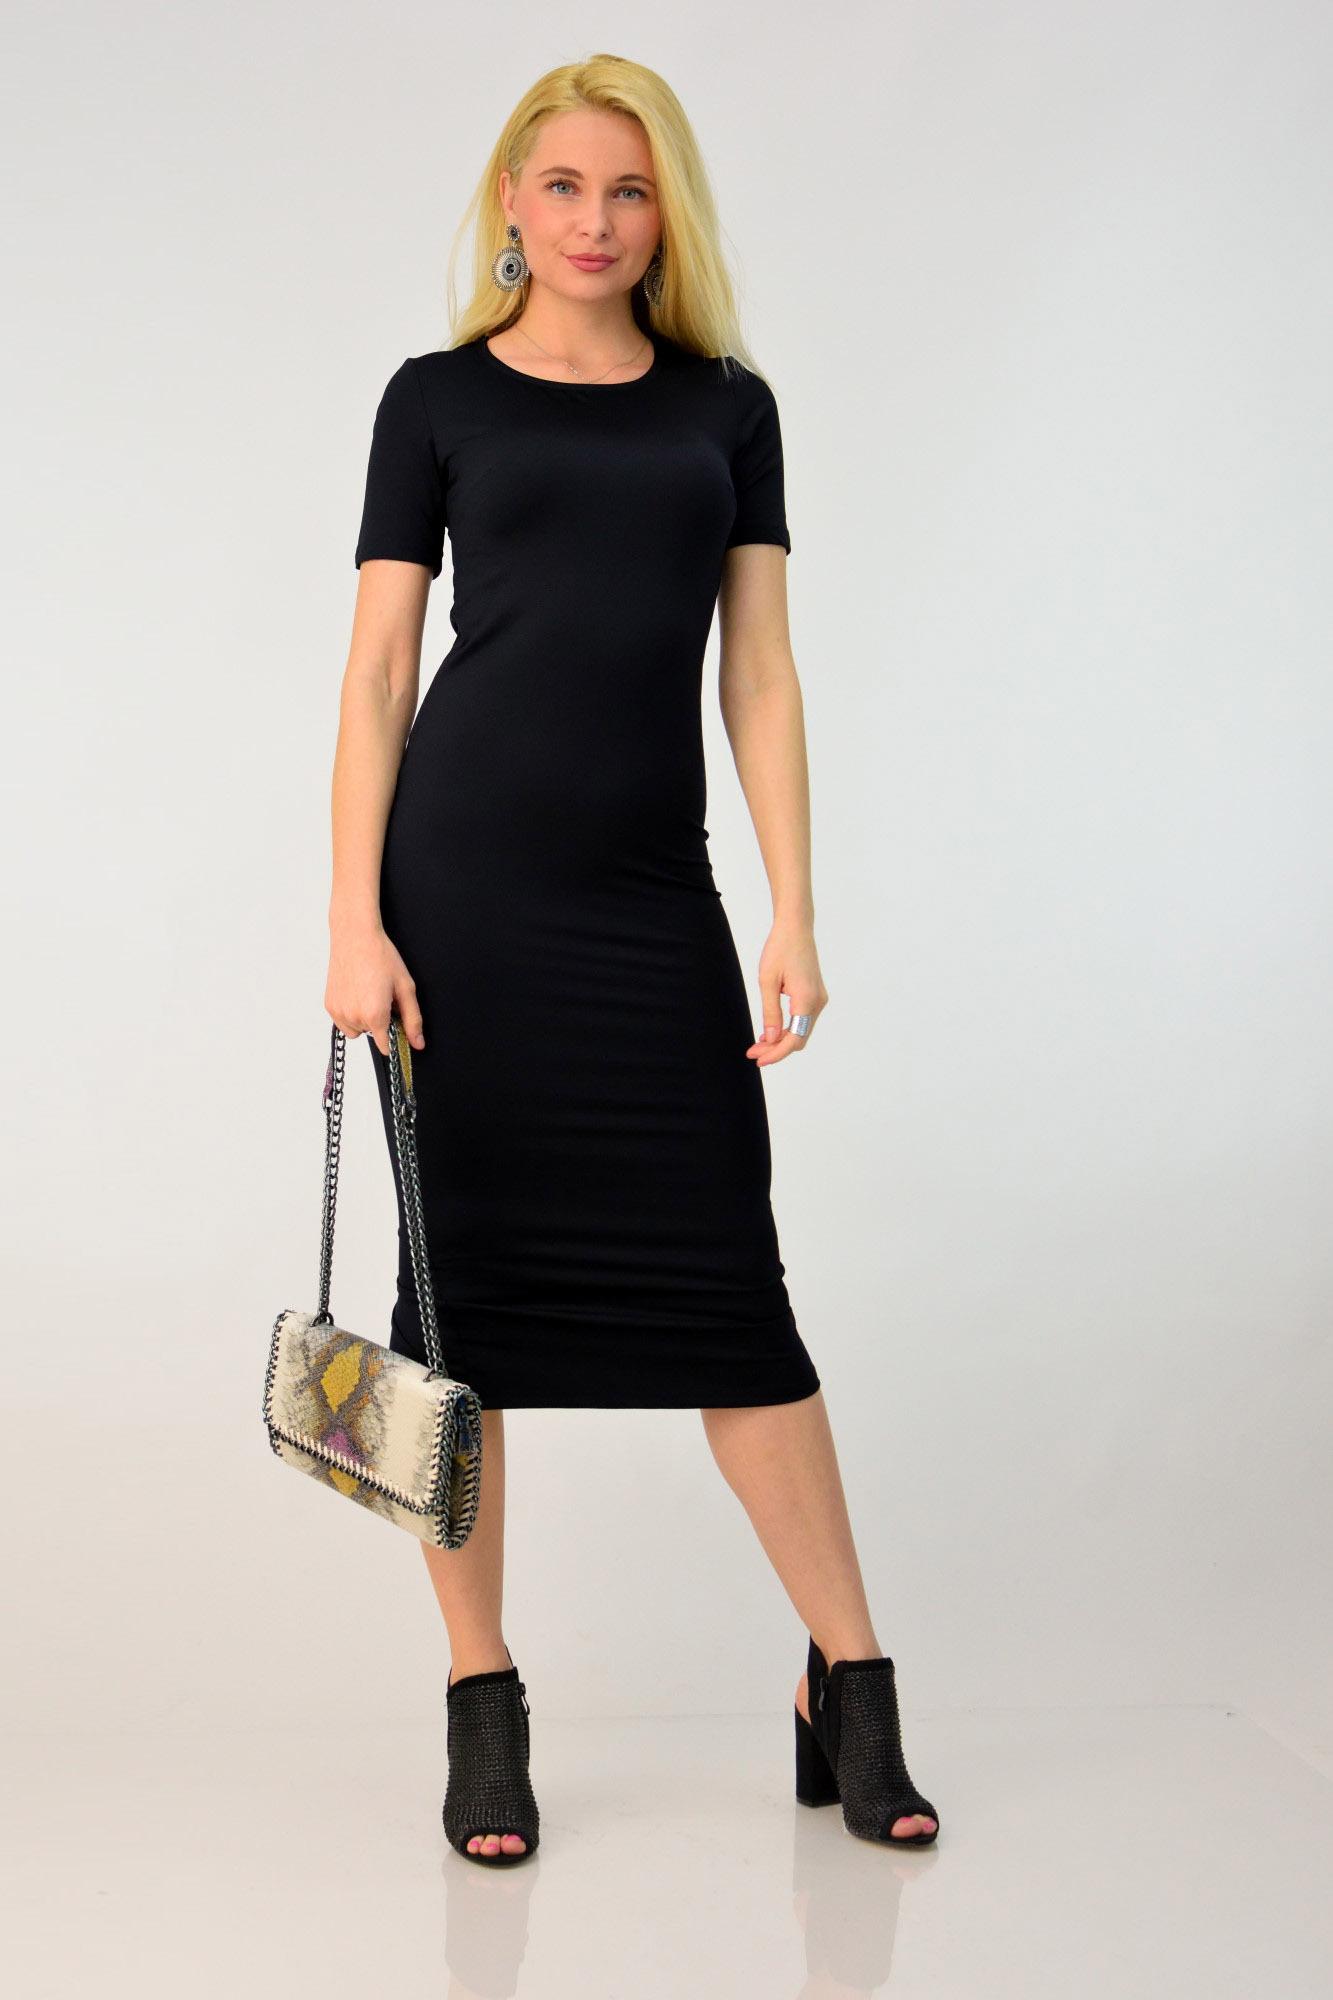 54e868747183 Γυναικείο φόρεμα εφαρμοστο midi